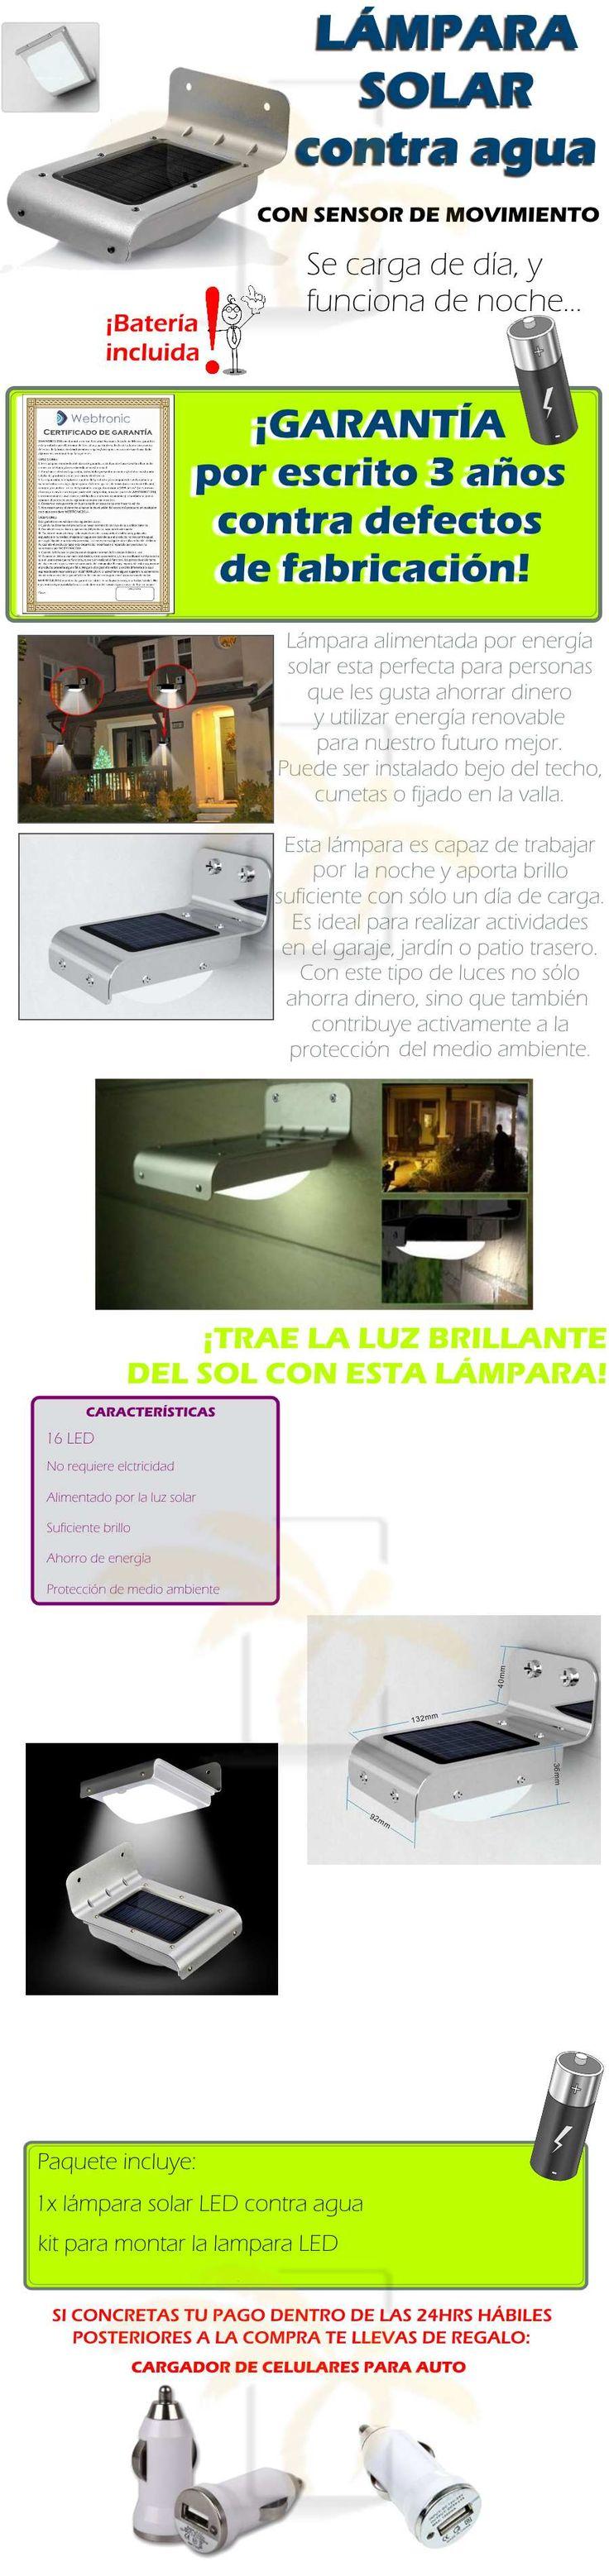 Lámpara Solar 16 Led Exterior Sensor De Luz Y Movimiento - $ 249.00